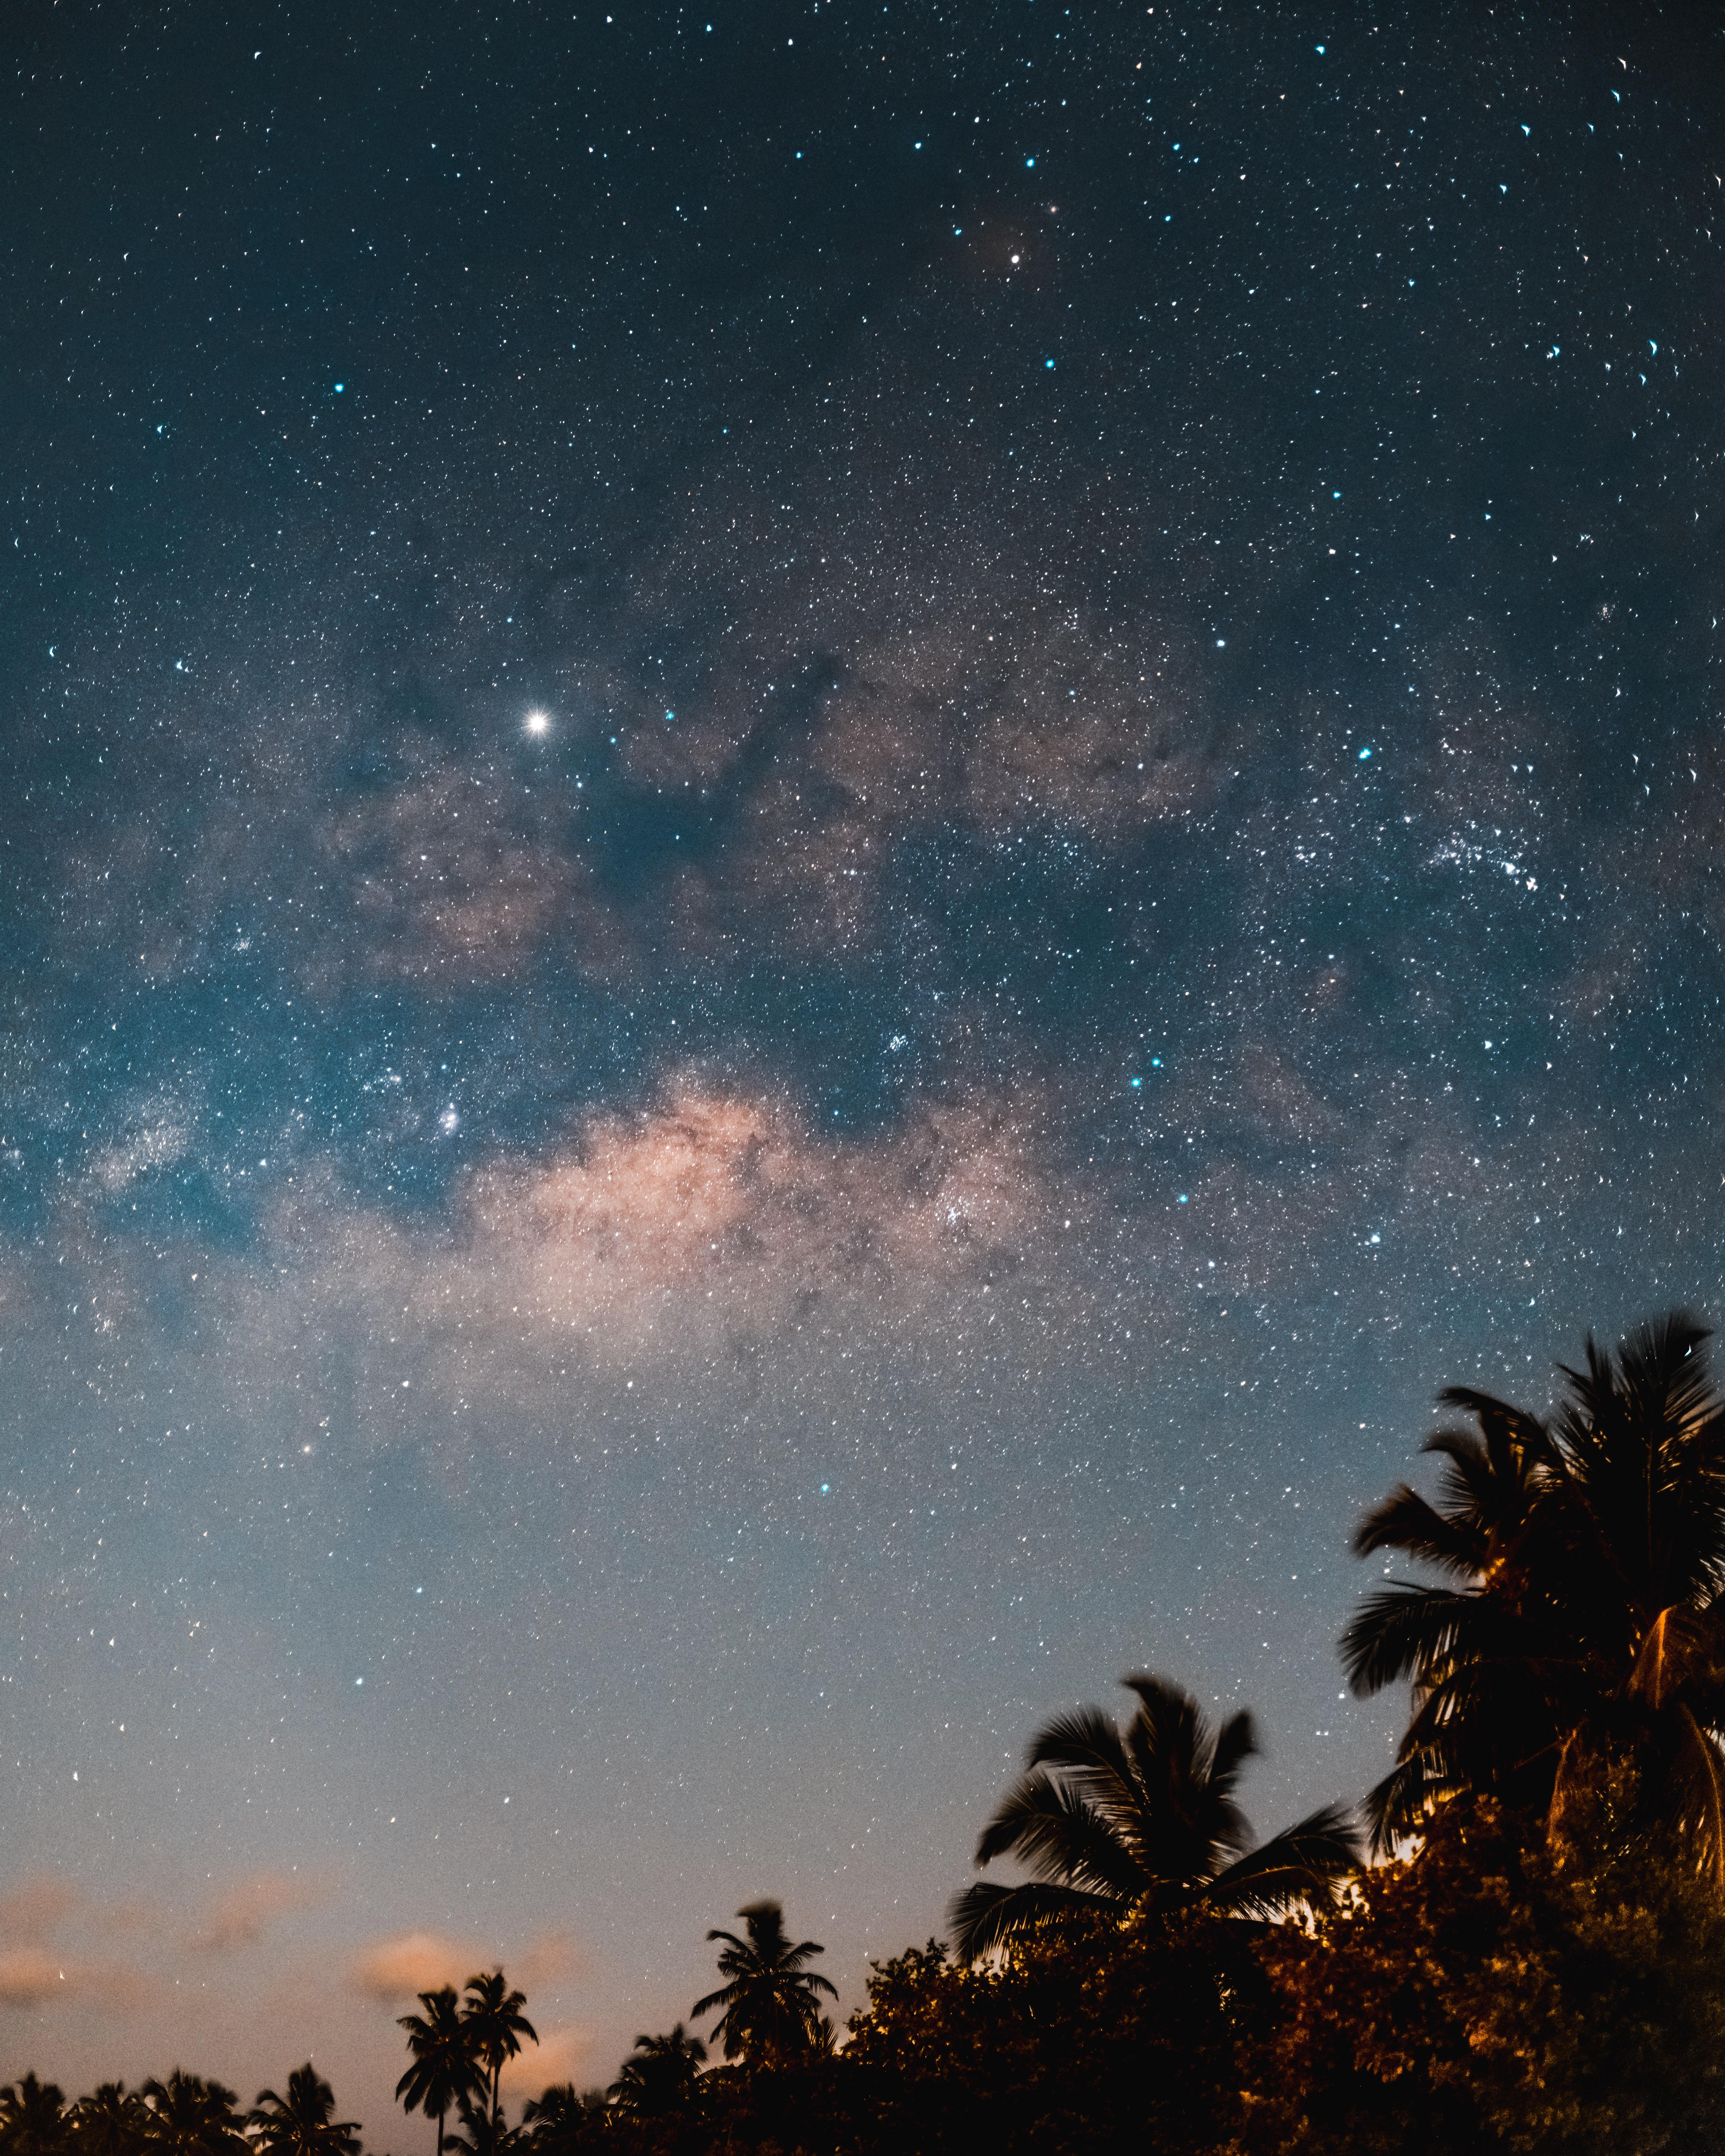 免費壁紙154103:黑暗的, 黑暗, 星空, 夜, 树, 棕榈 下載手機圖片